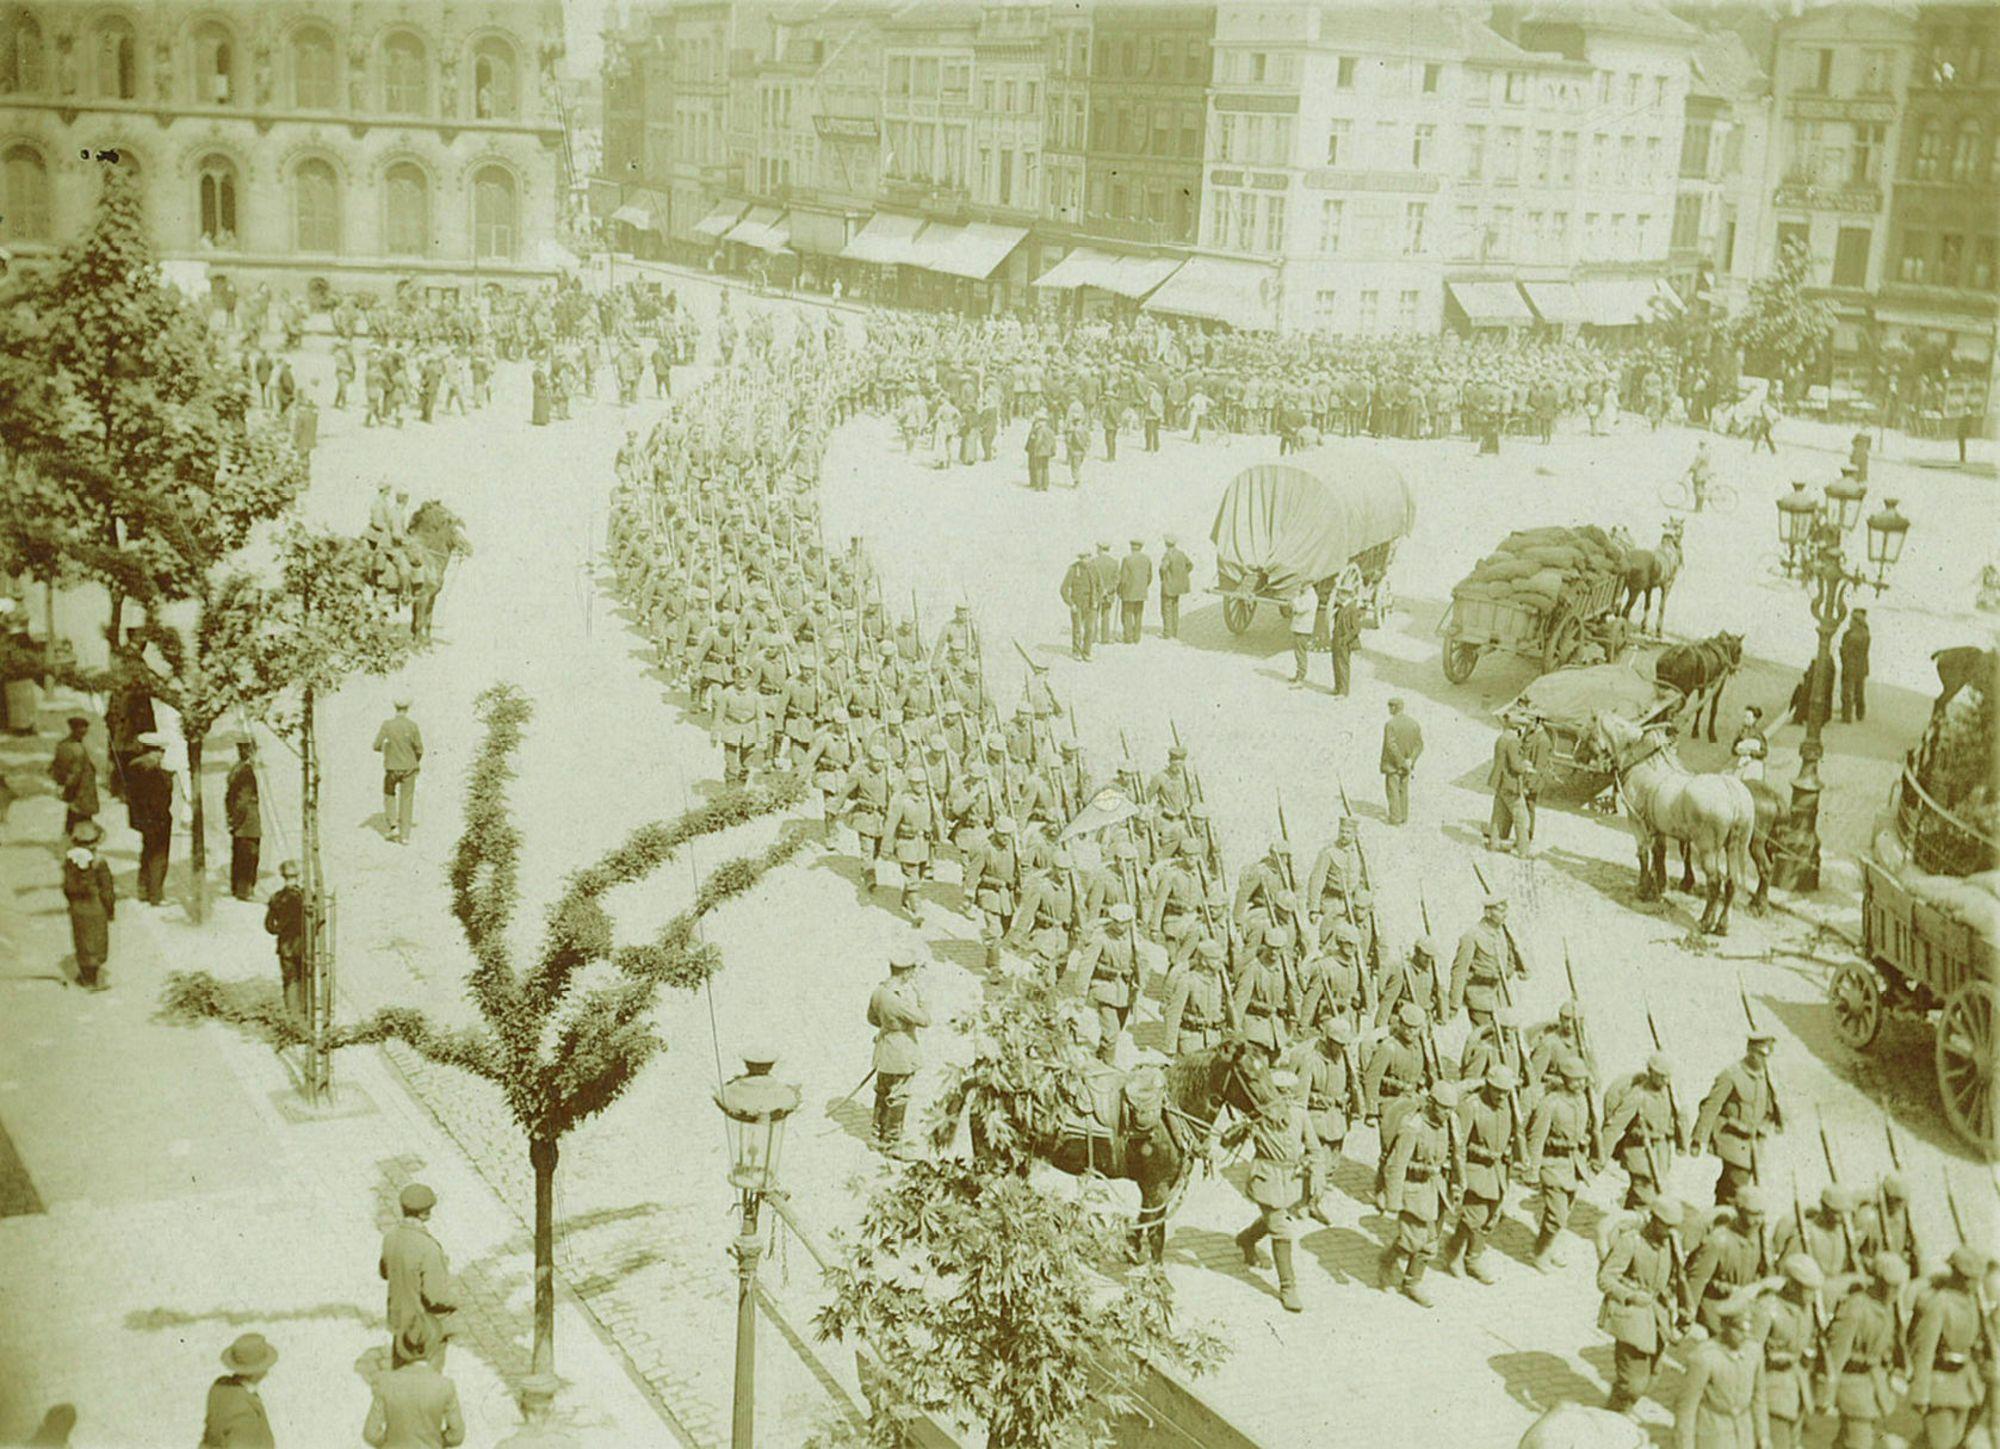 Grote Markt met Duitse troepen en wagens